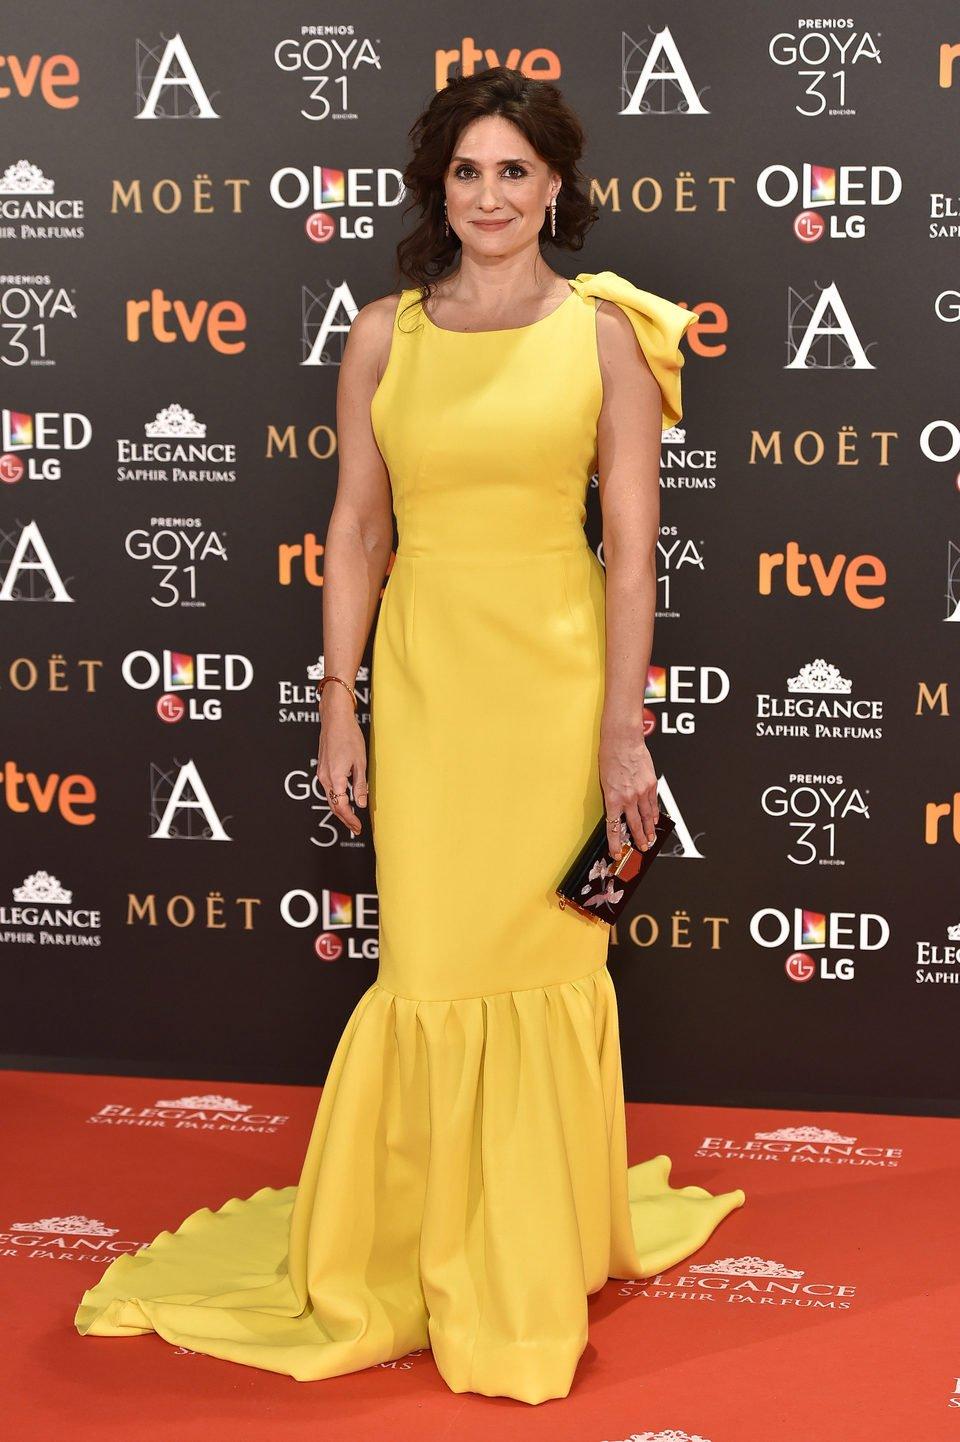 María Botto en la alfombra roja de los Premios Goya 2017